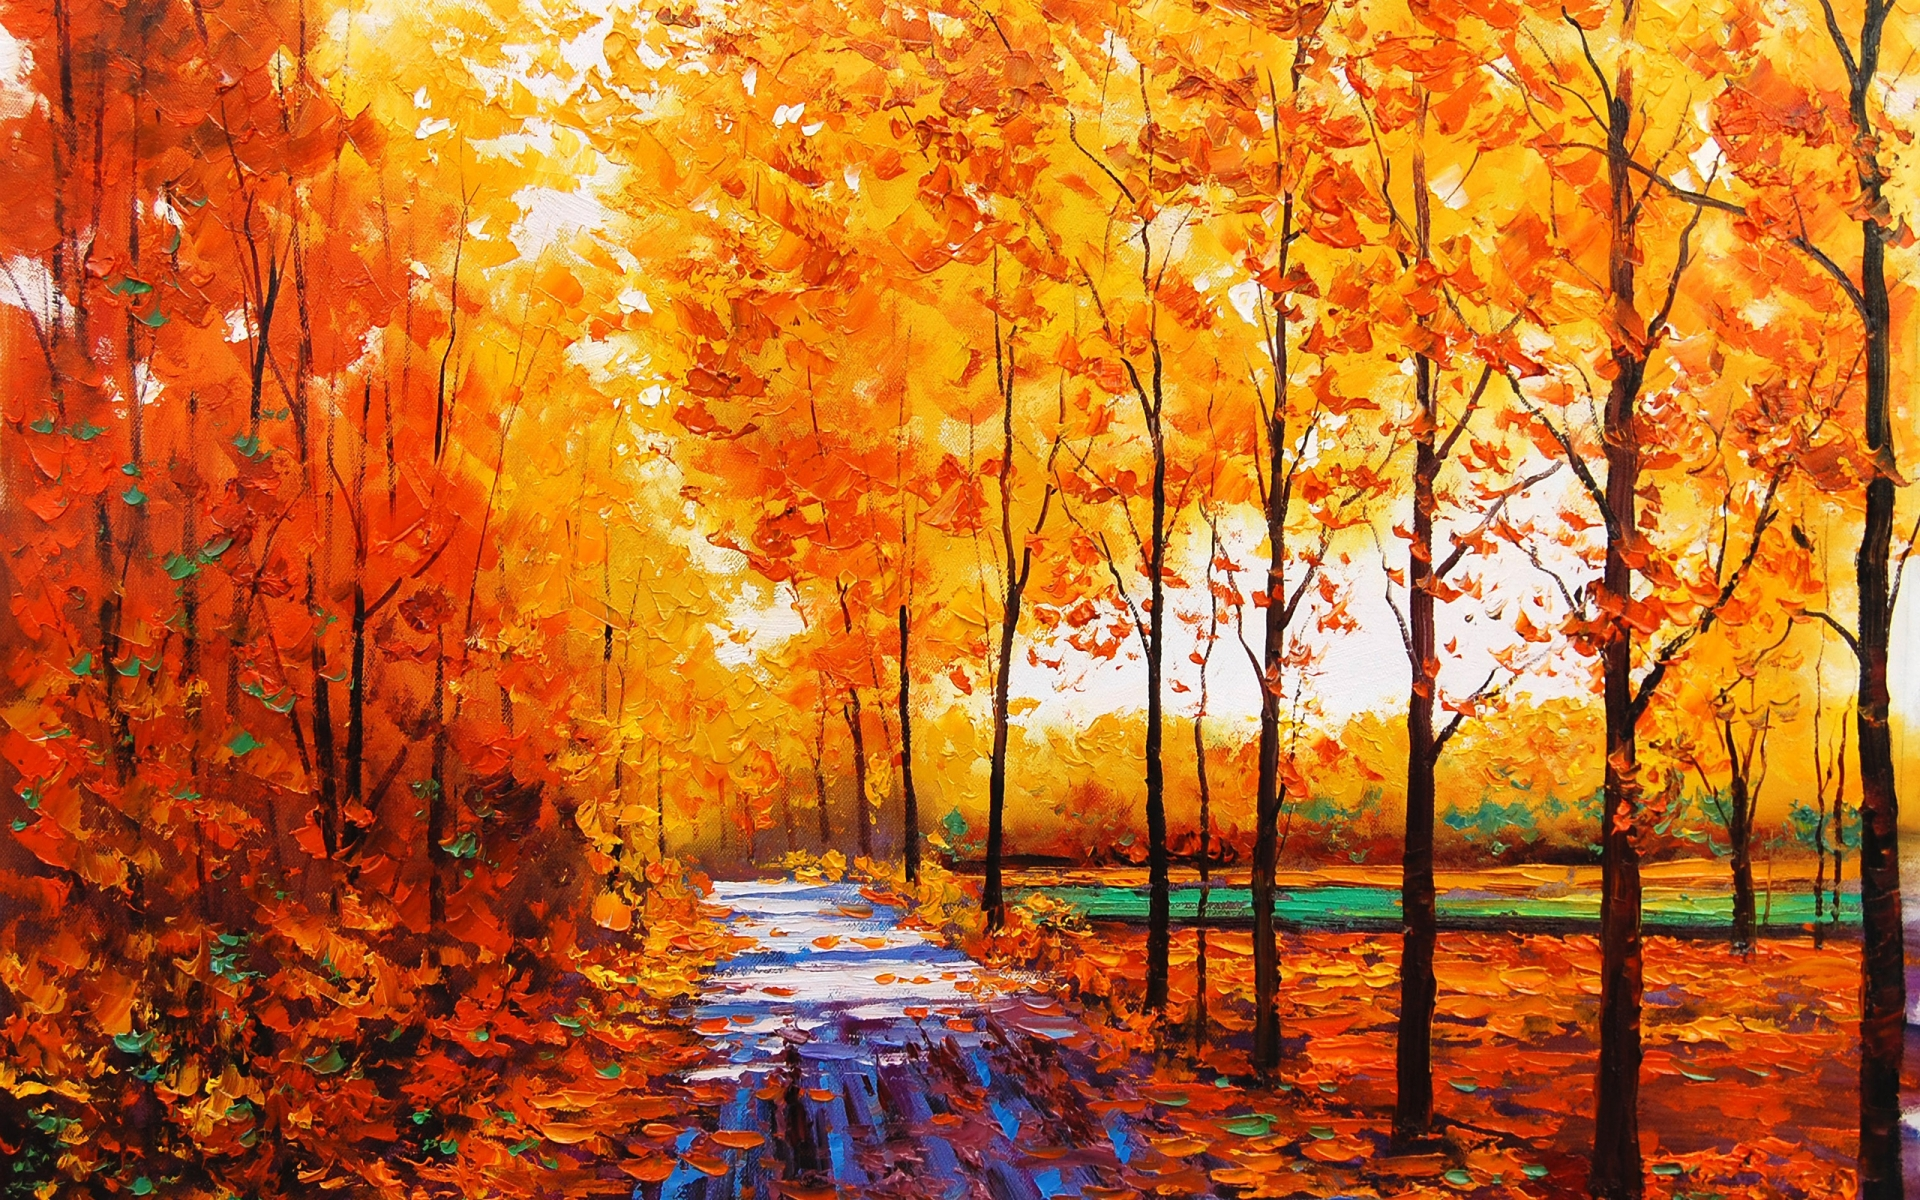 Tree Autumn Paint